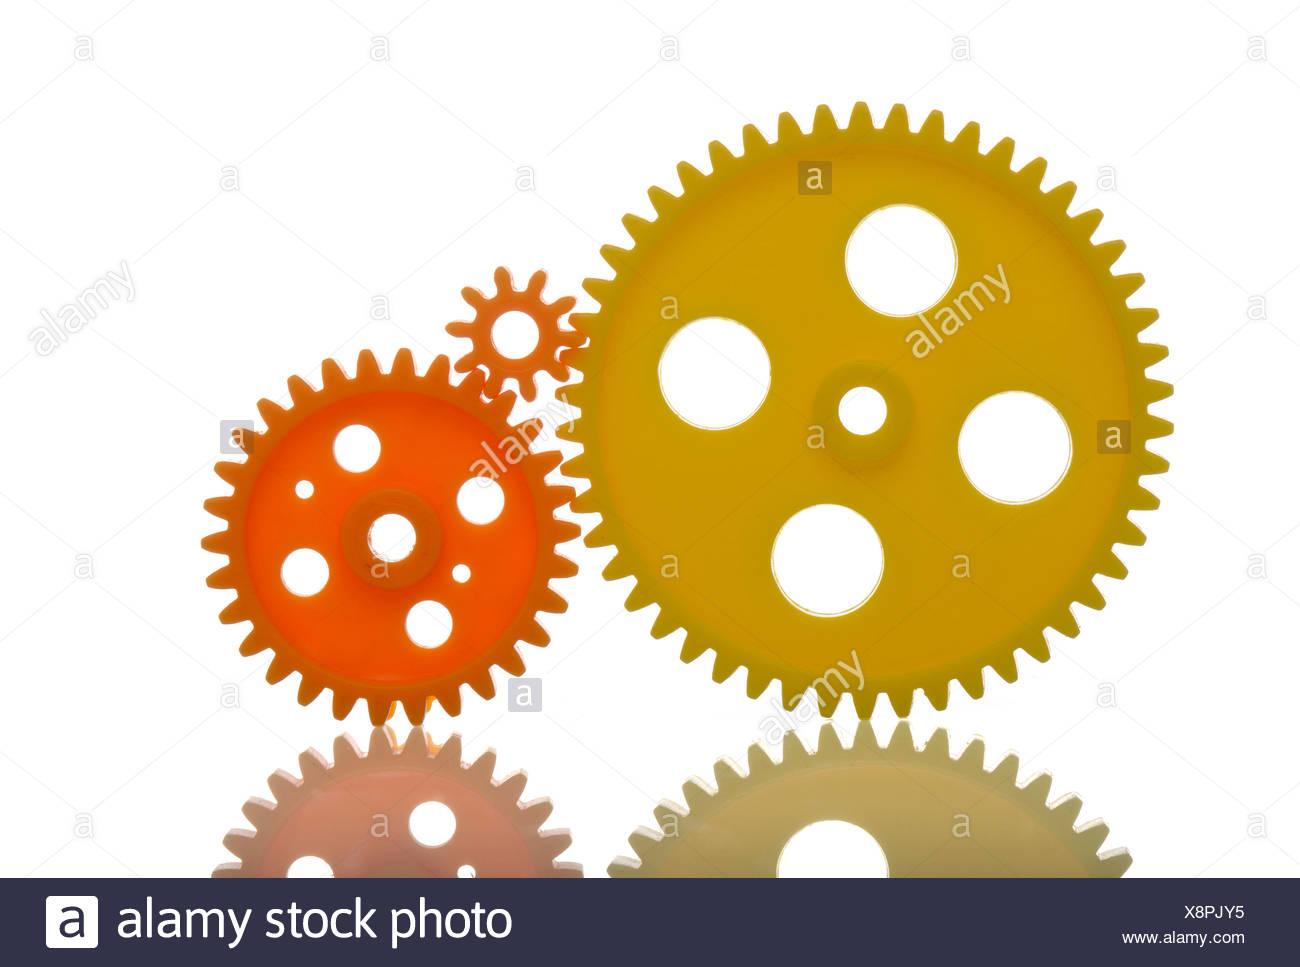 Yellow and orange cog wheels, symbolic image - Stock Image